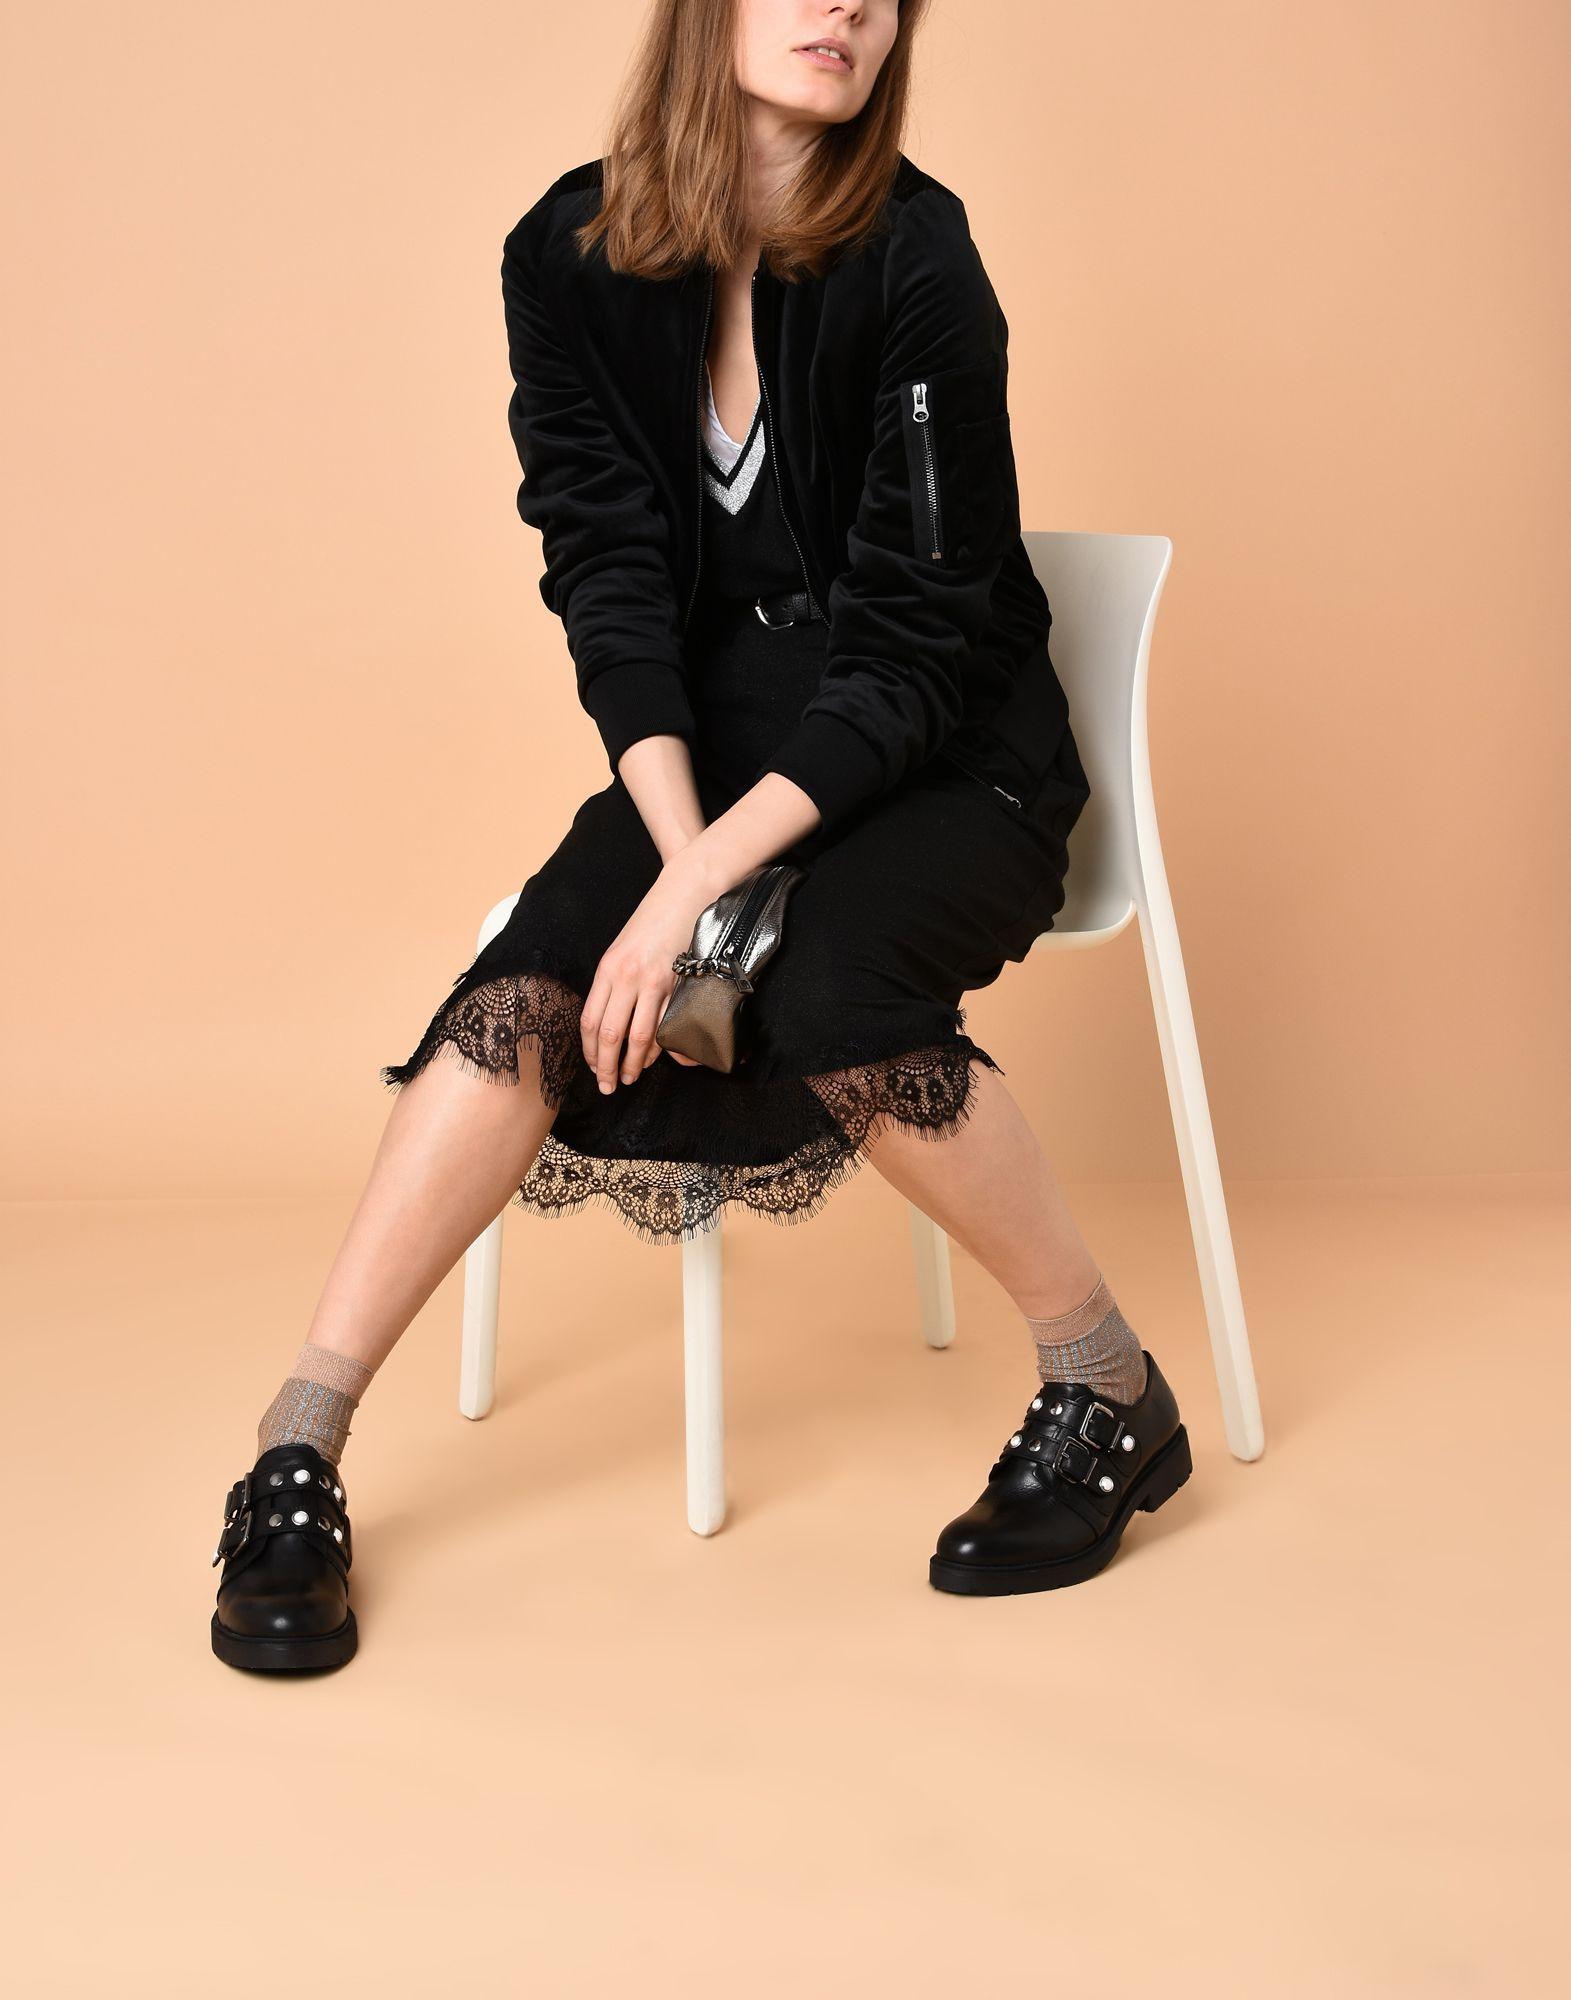 George J. Love Mokassins Qualität Damen  11405389FI Gute Qualität Mokassins beliebte Schuhe bb177e